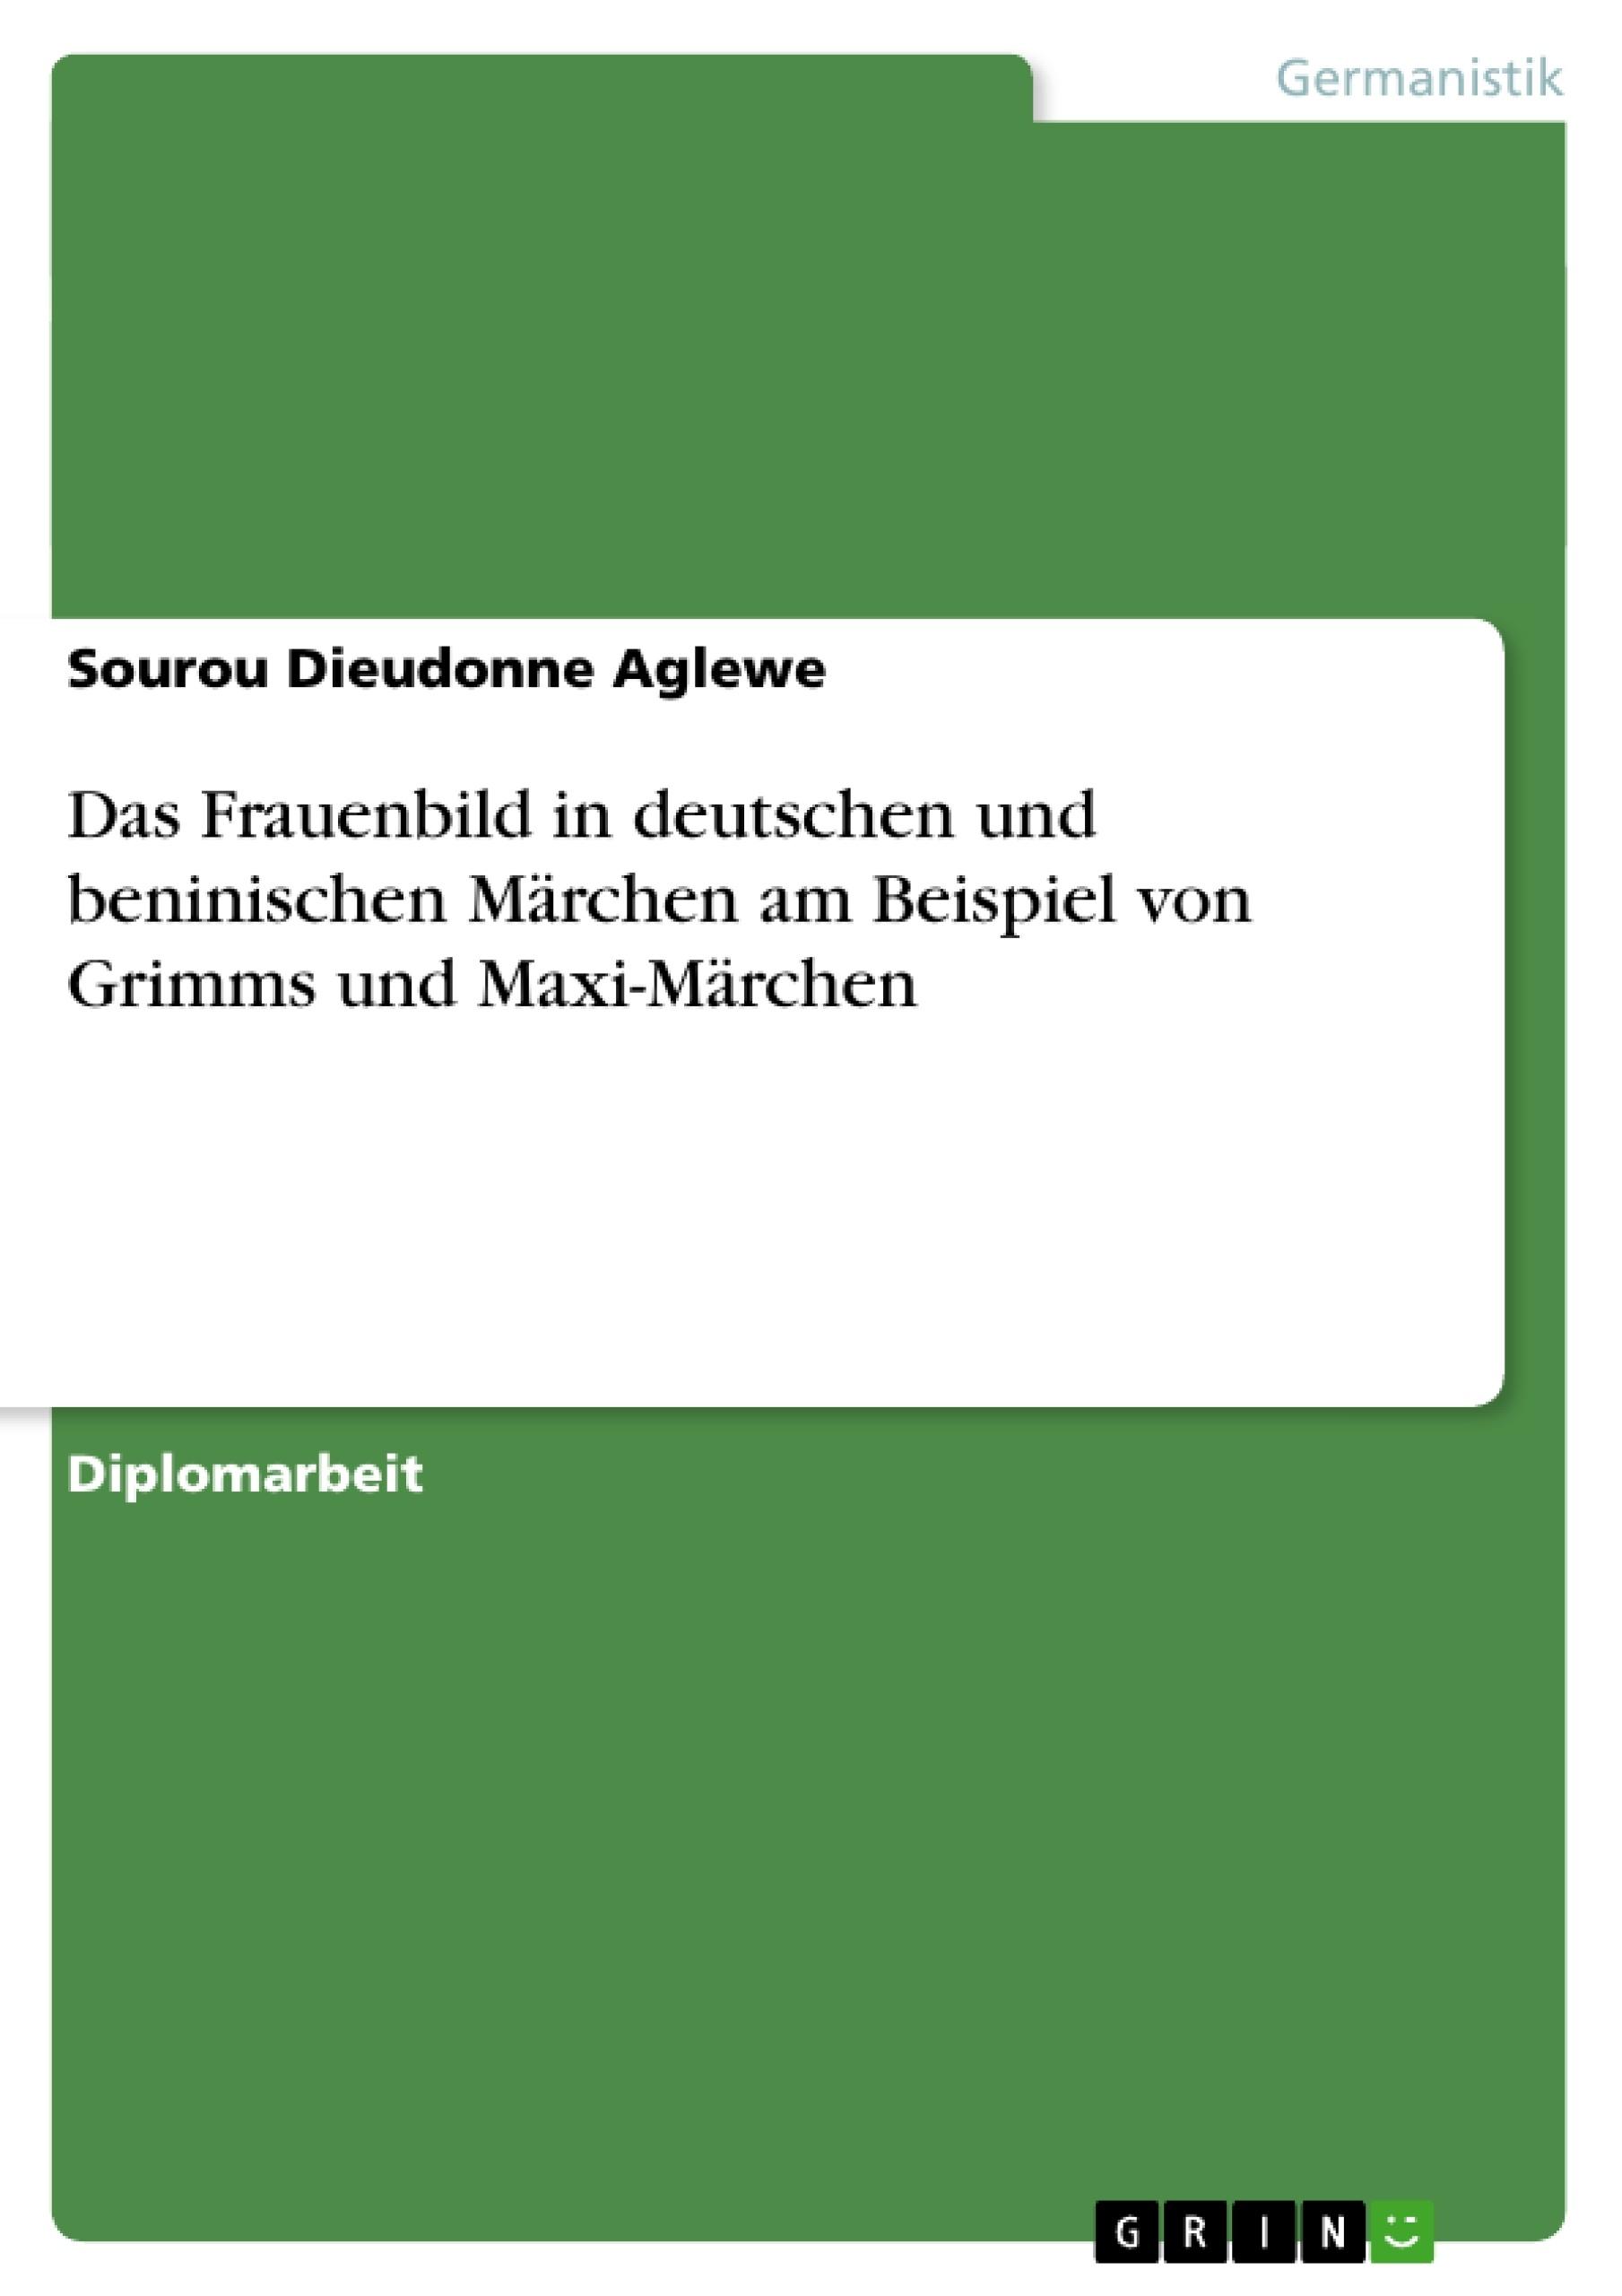 Titel: Das Frauenbild in deutschen und beninischen Märchen am Beispiel von Grimms und Maxi-Märchen